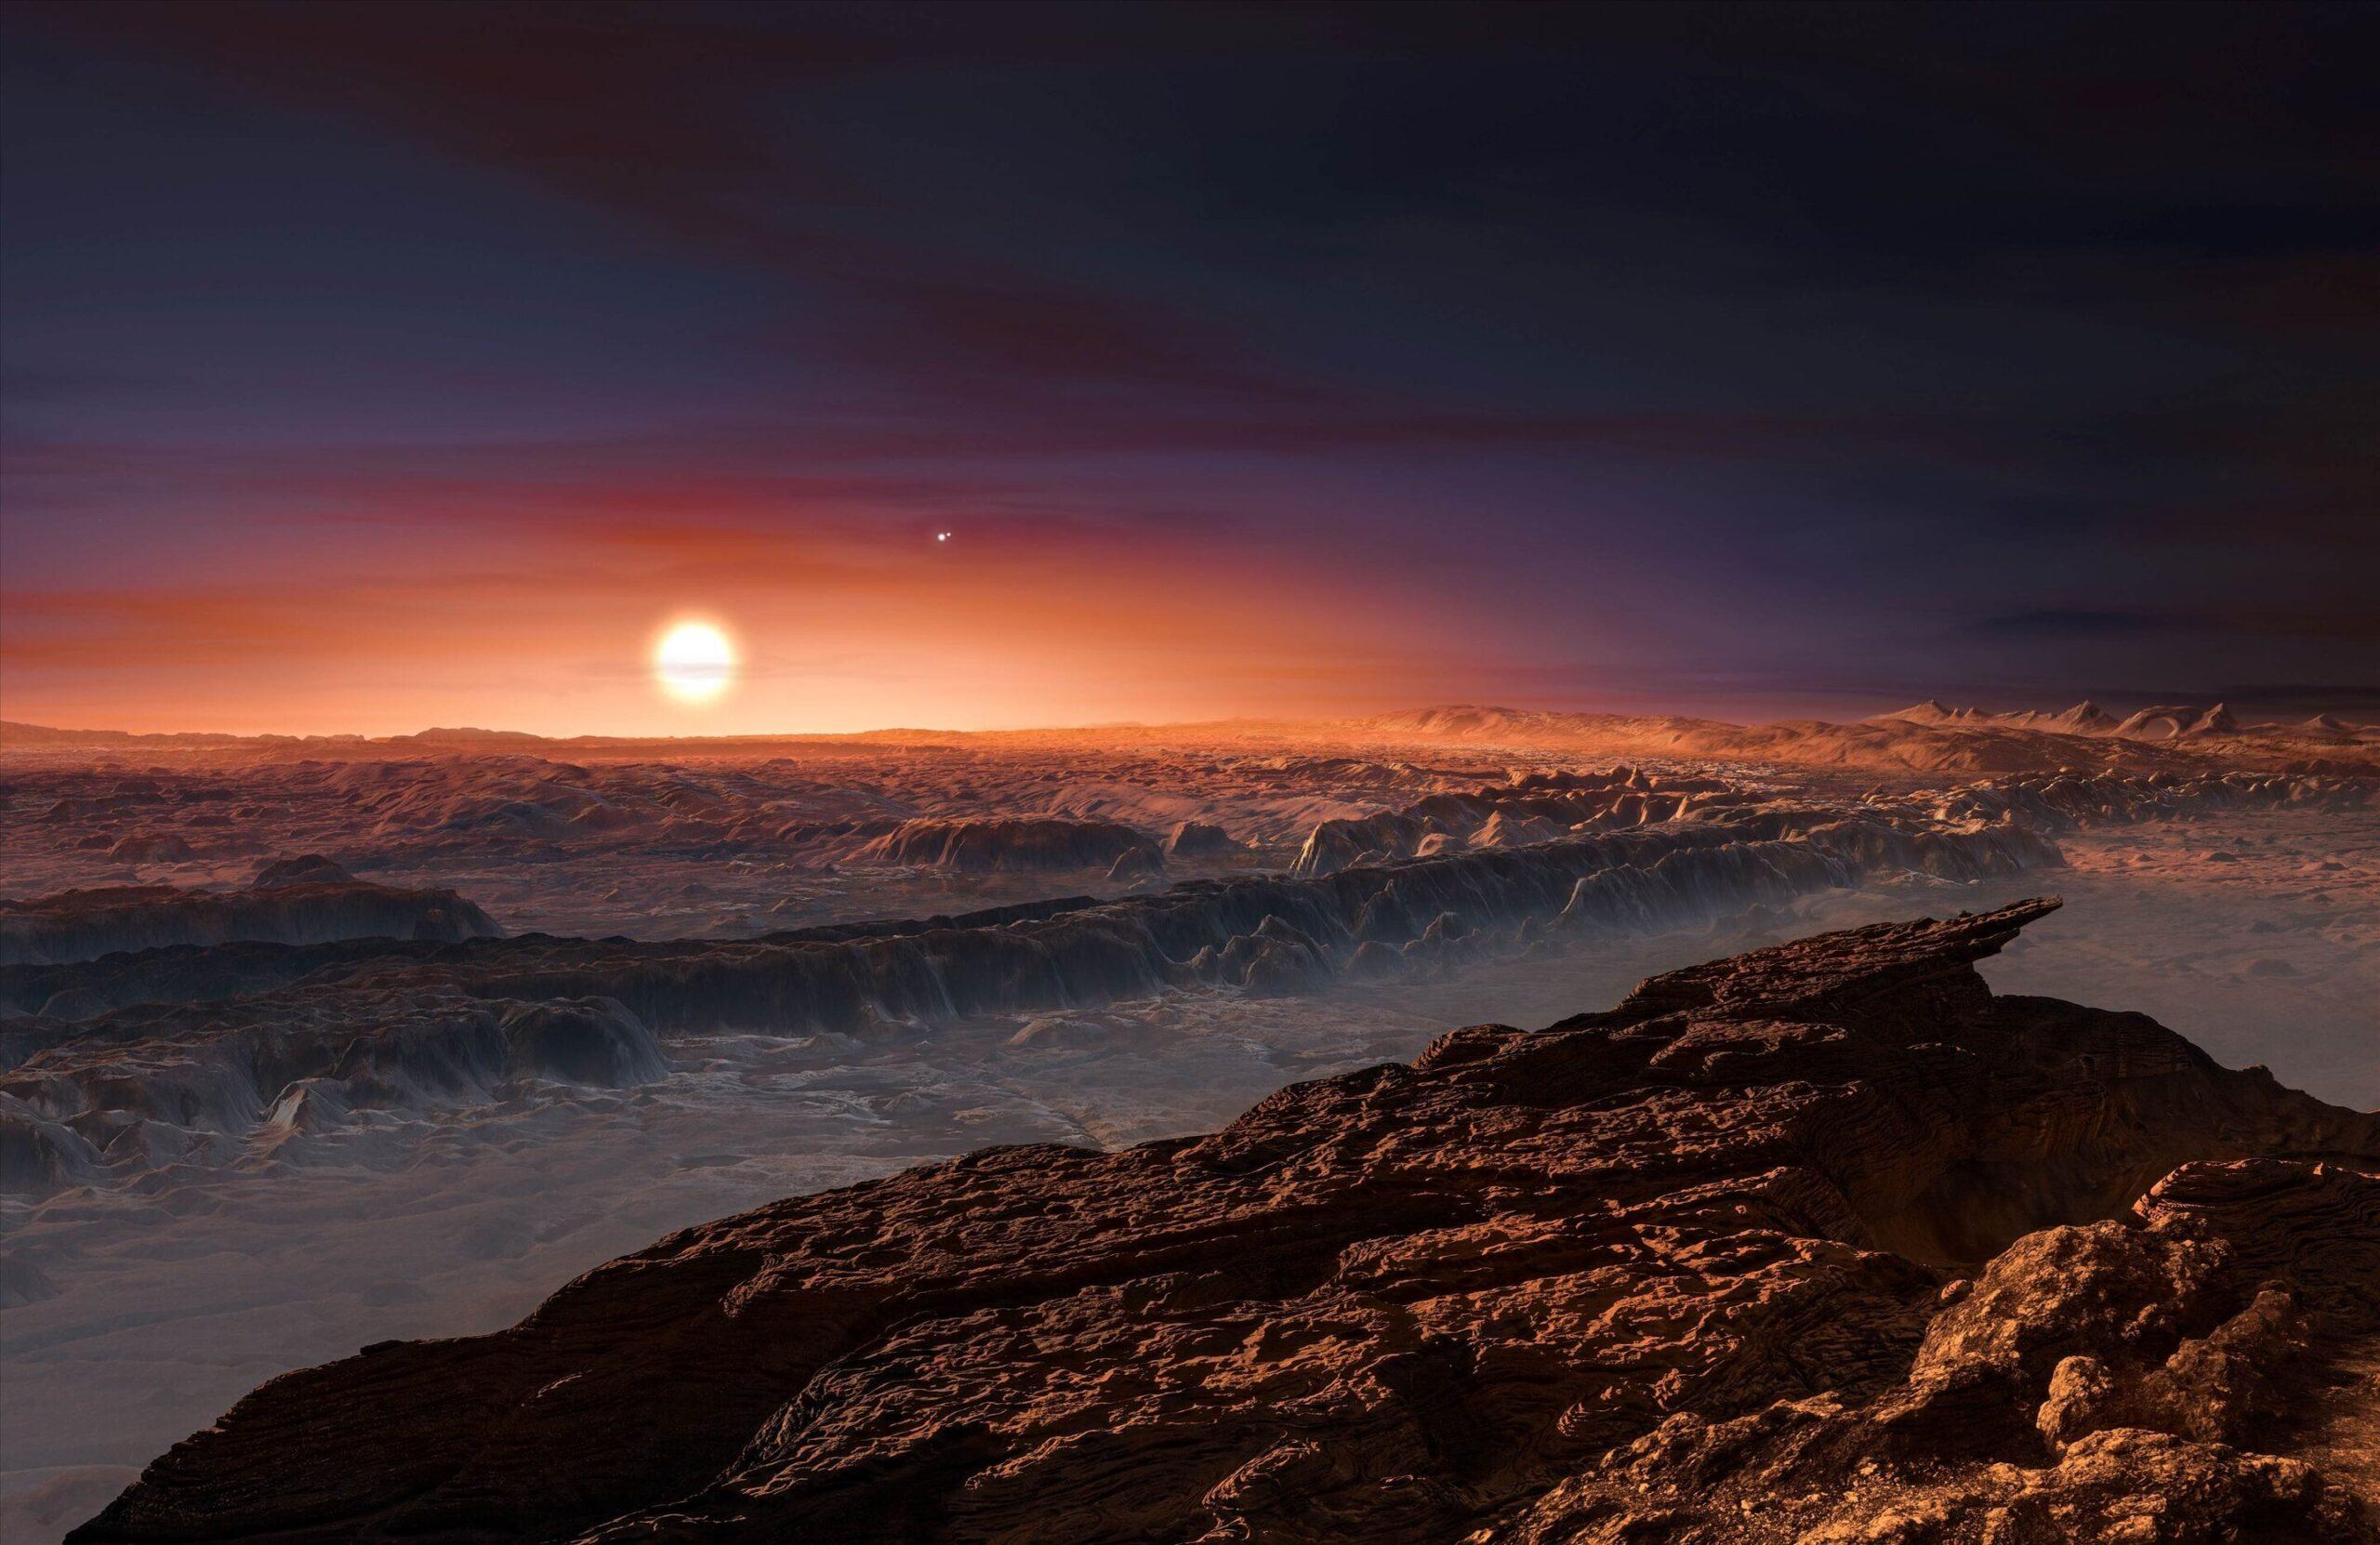 Ученые подтвердили существование экзопланеты у ближайшей к Солнцу звезды